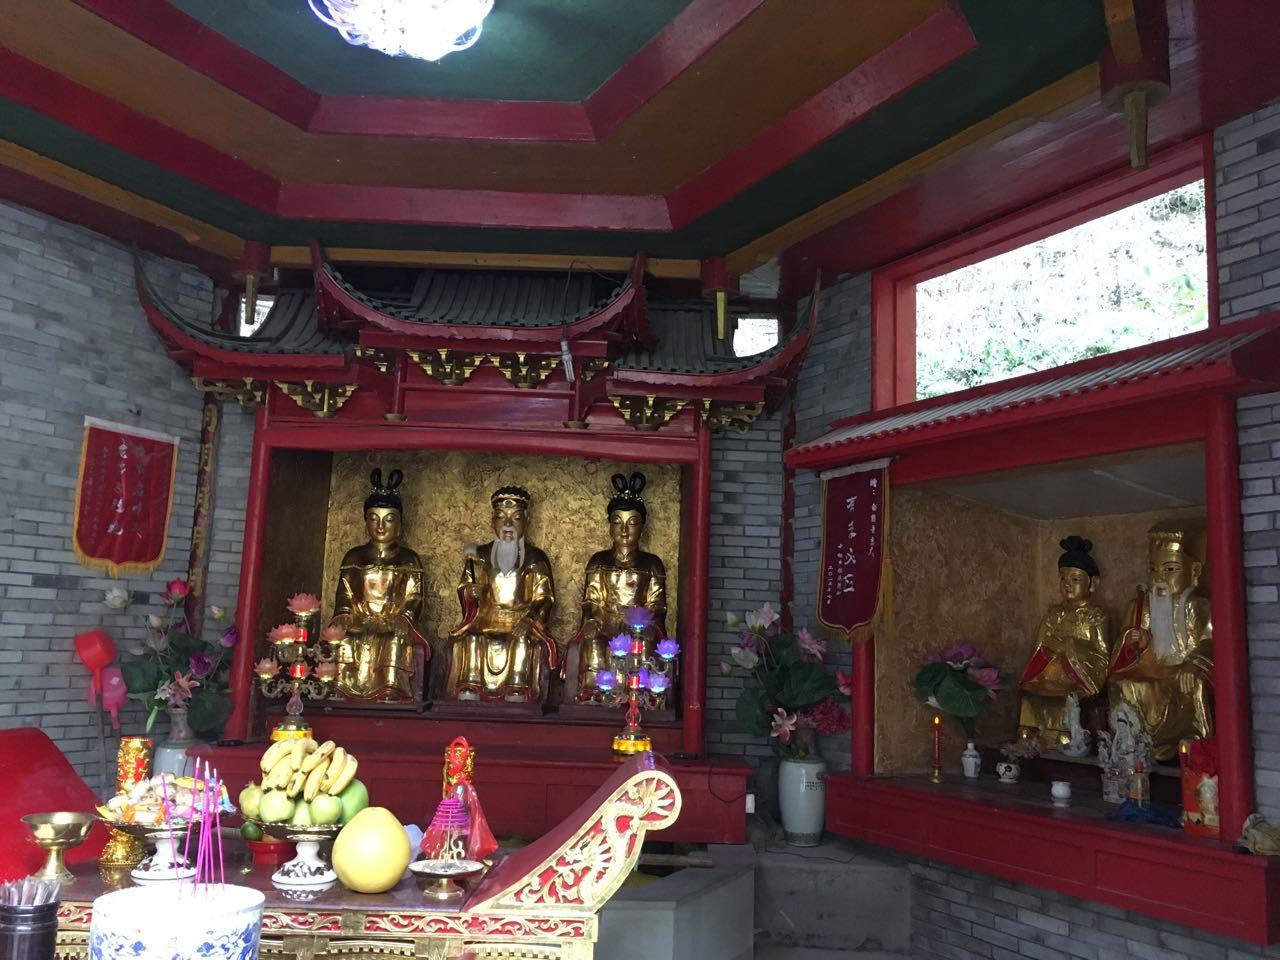 弋阳县白鹤寺—上饶—江西寺院